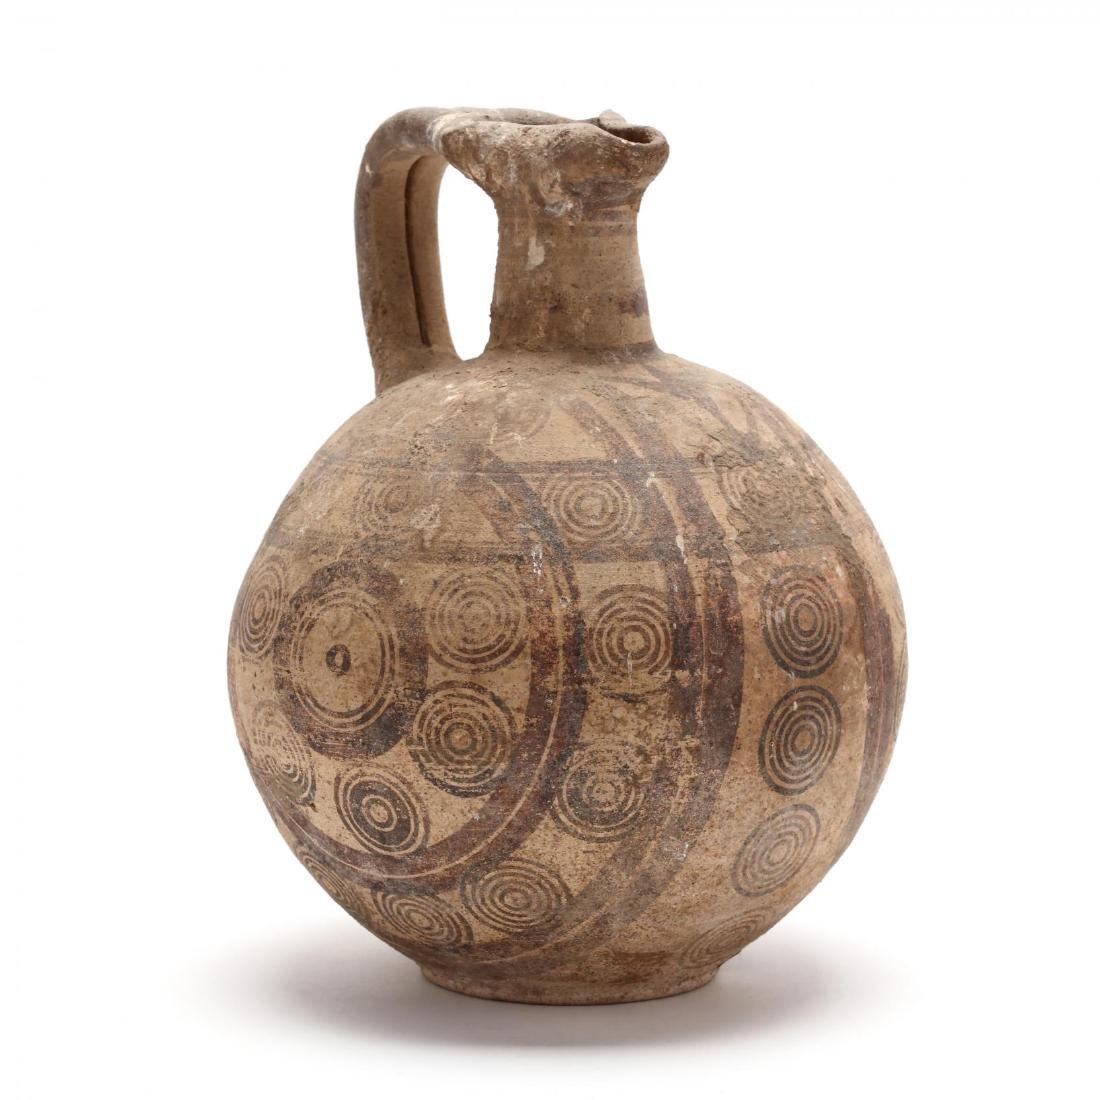 Cypro-Archaic Bichrome Jug